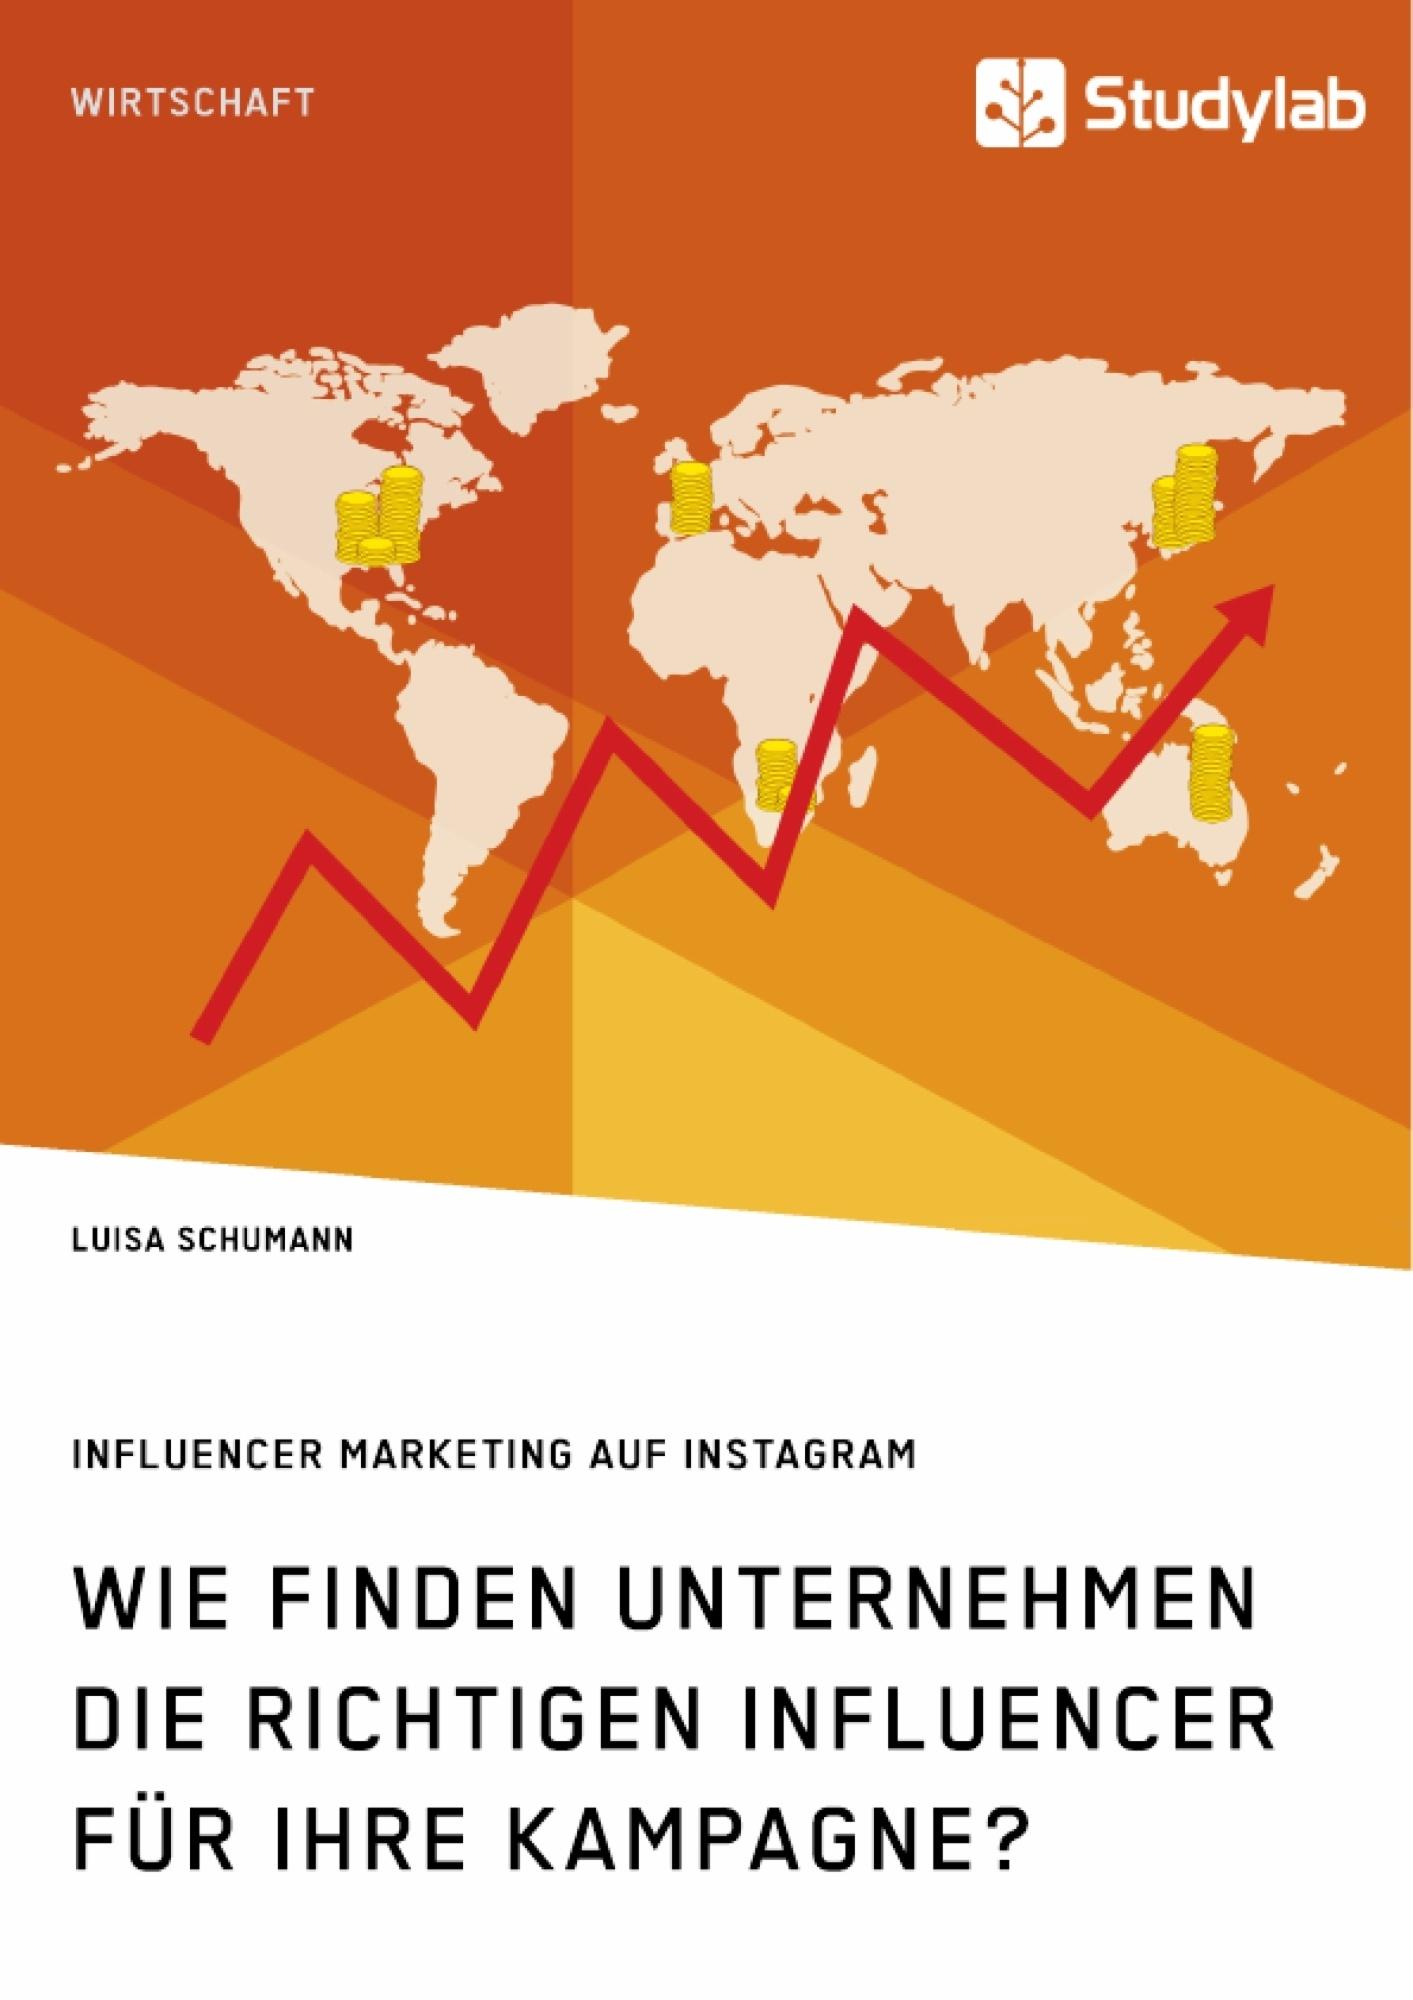 Titel: Wie finden Unternehmen die richtigen Influencer für ihre Kampagne? Influencer Marketing auf Instagram